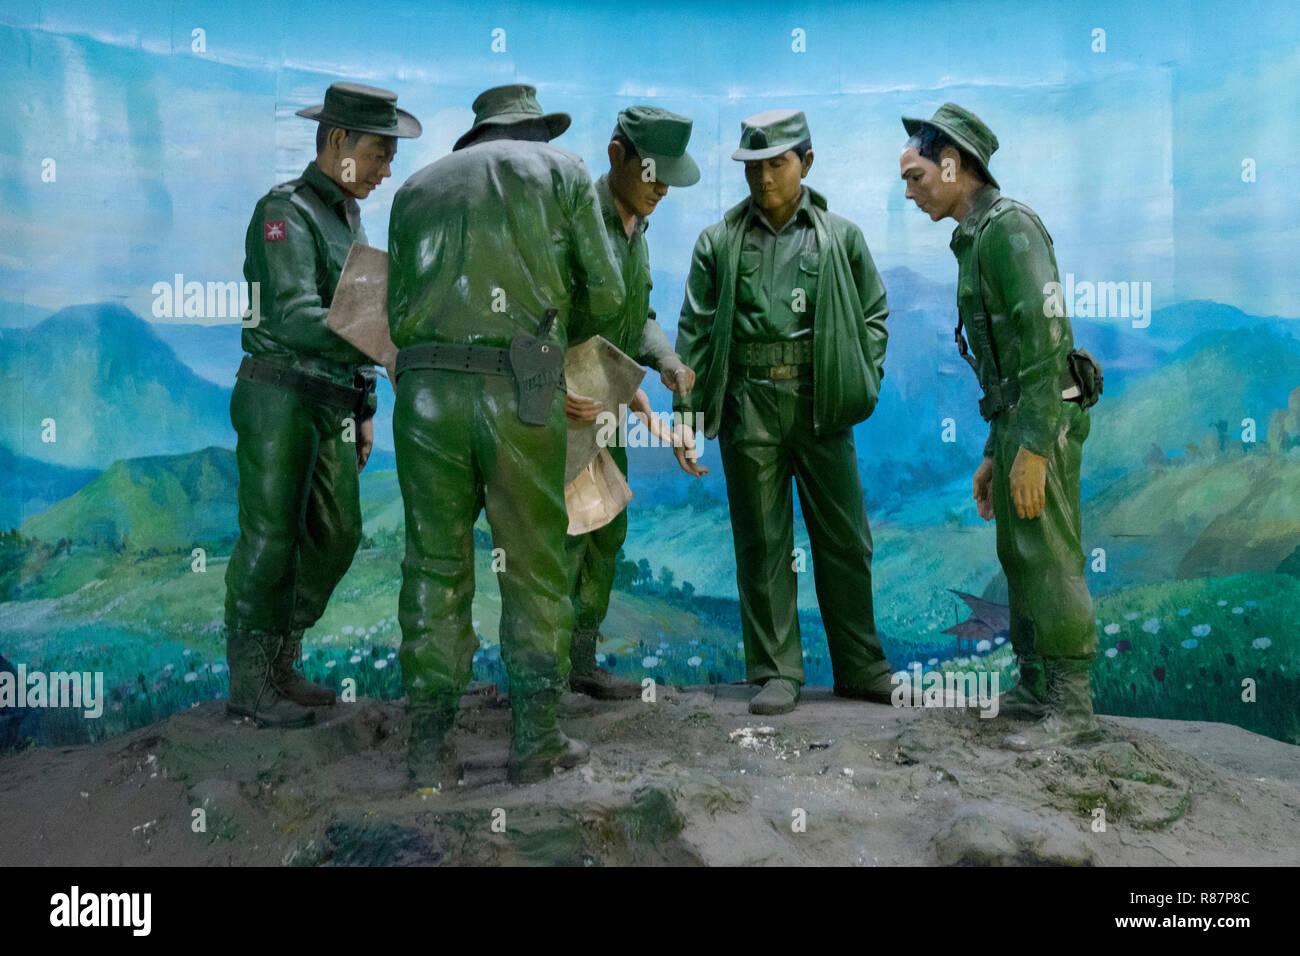 L'armée dans un diorama au Musée de l'élimination des drogues dans la région de Yangon, Myanmar. Banque D'Images